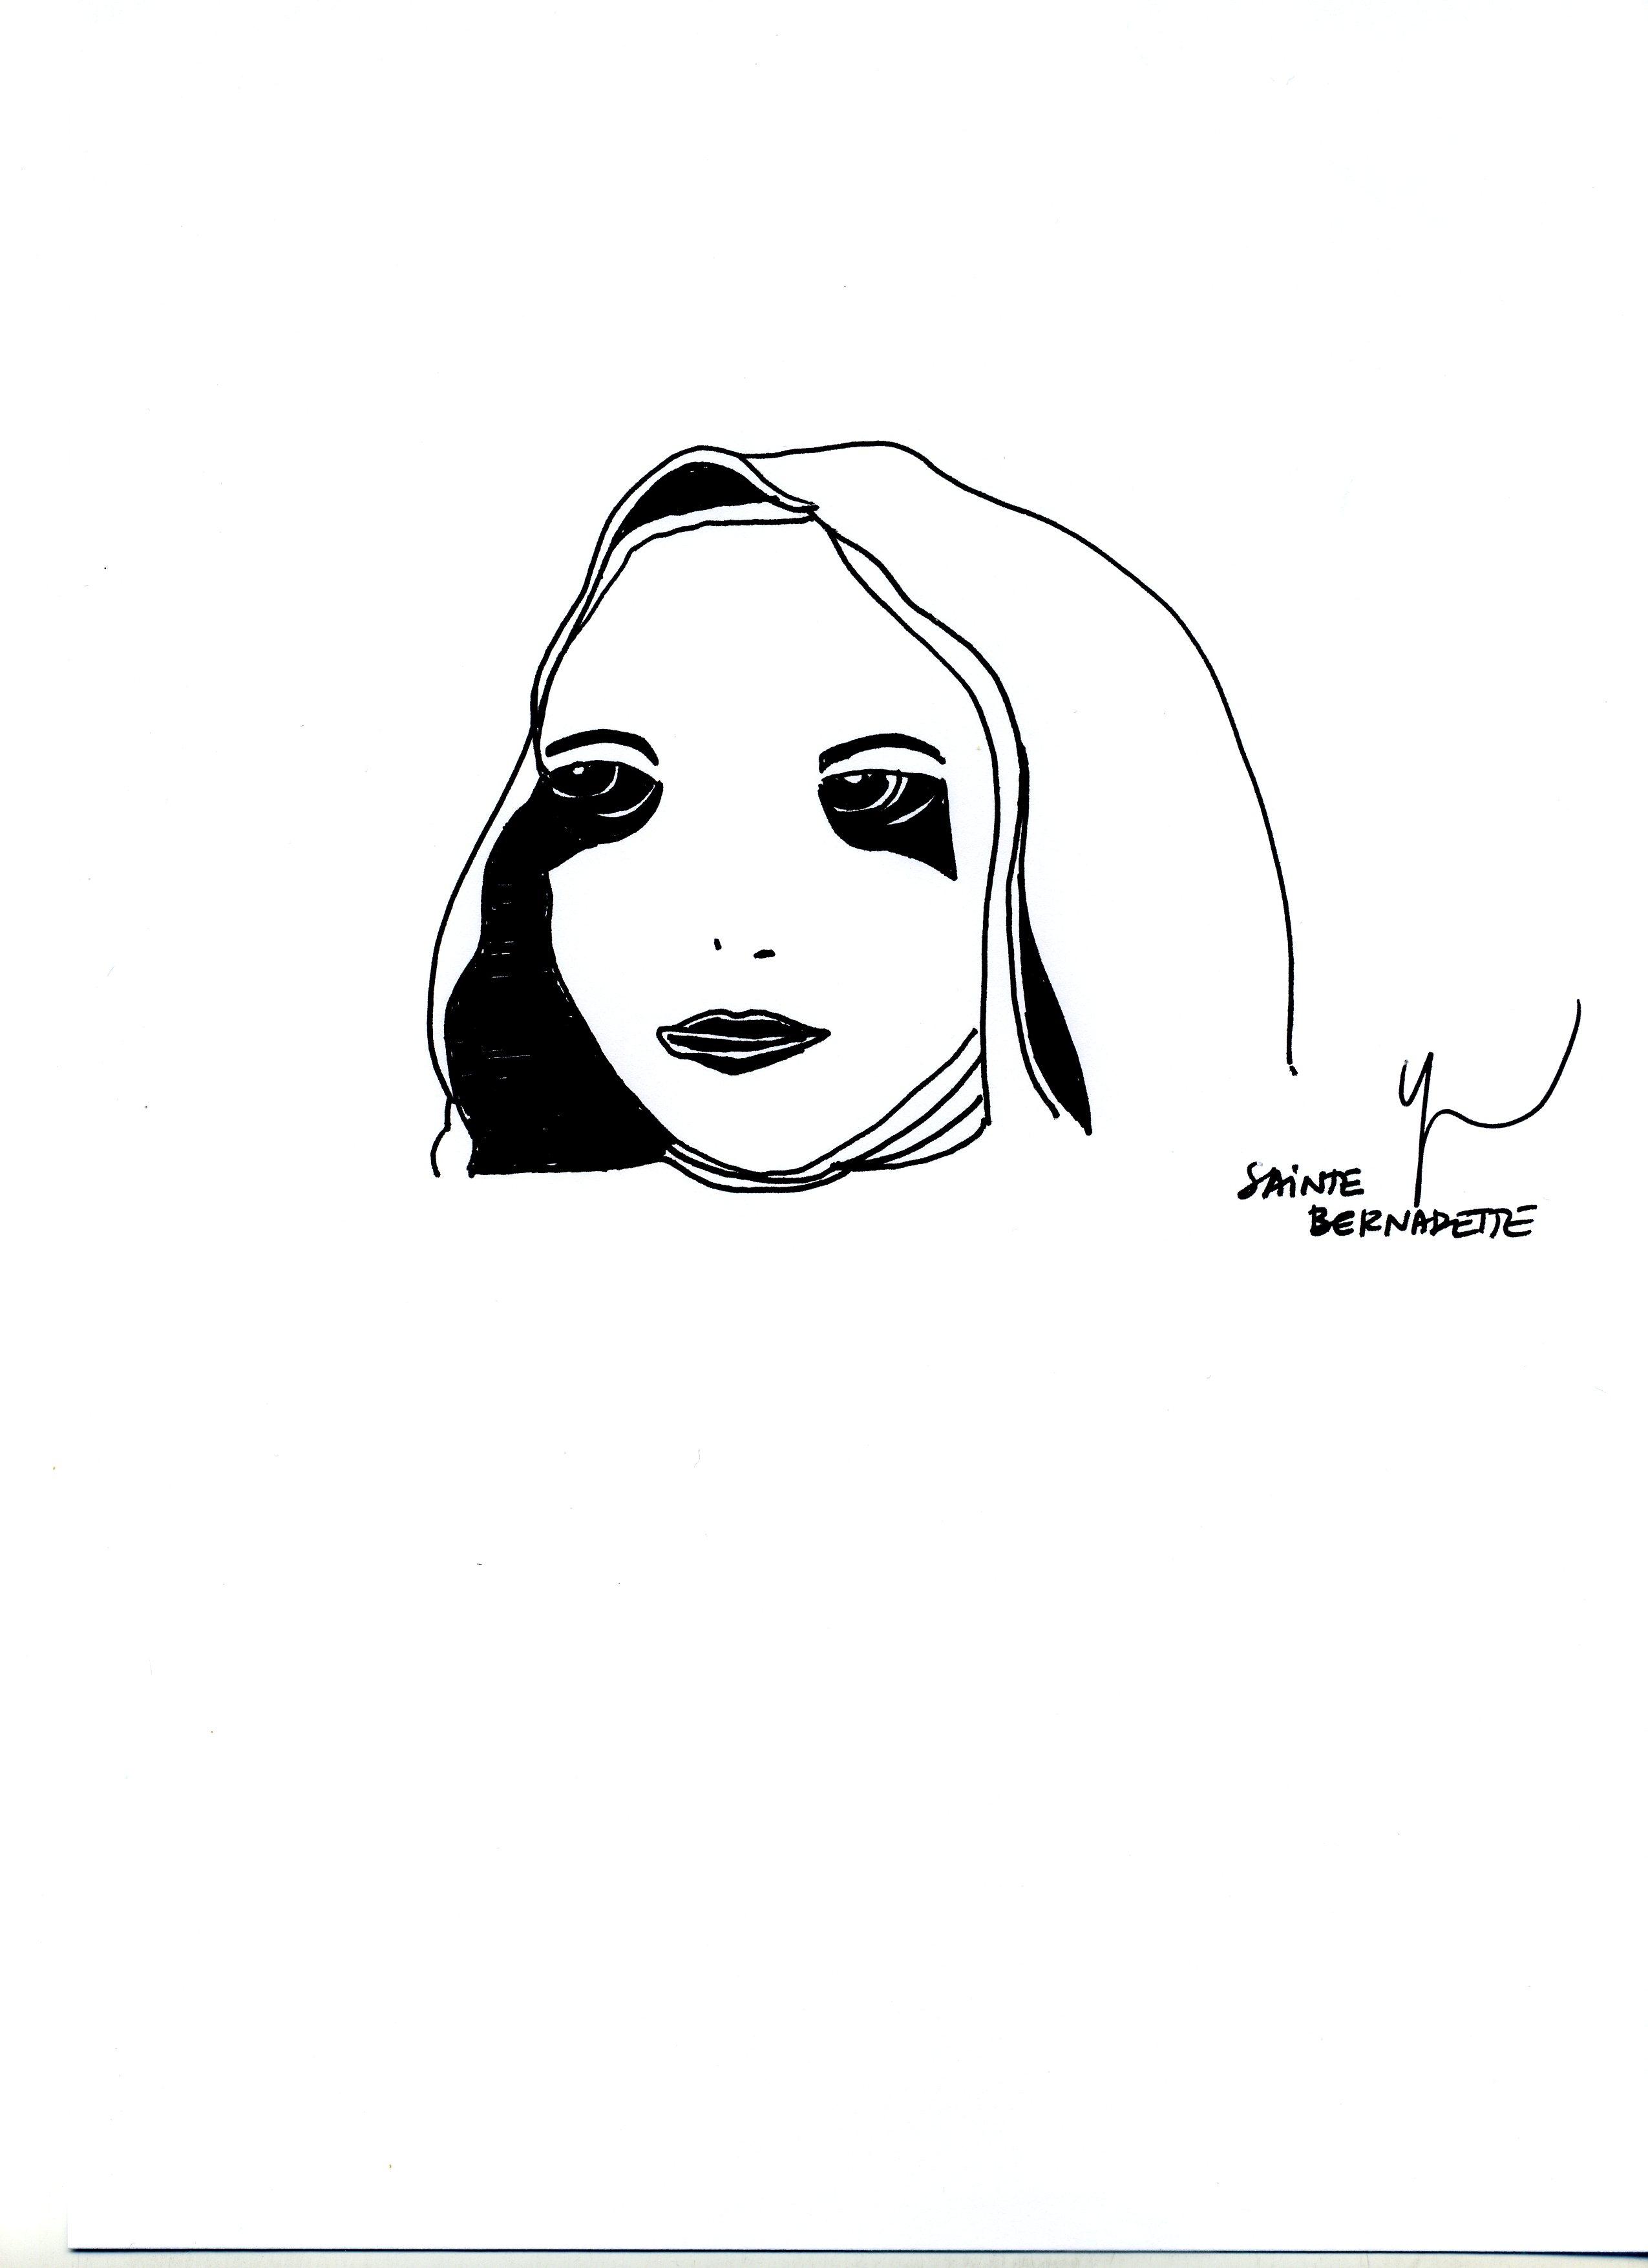 Portrait de Sainte Bernadette dessiné par Yann Moix